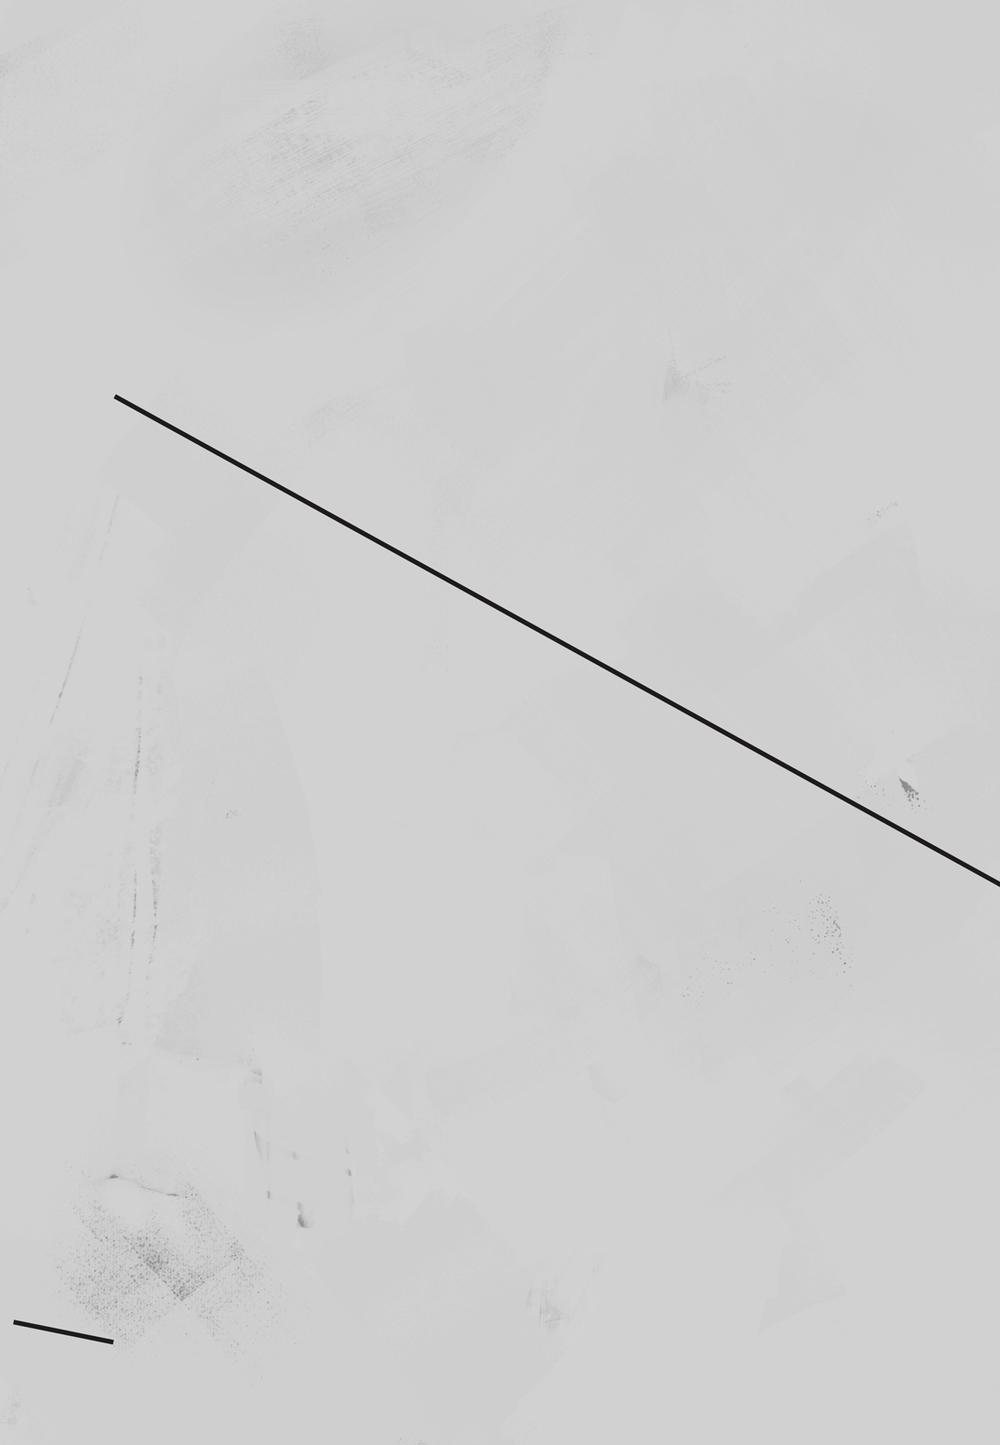 Lines Lauren Indovina 2014